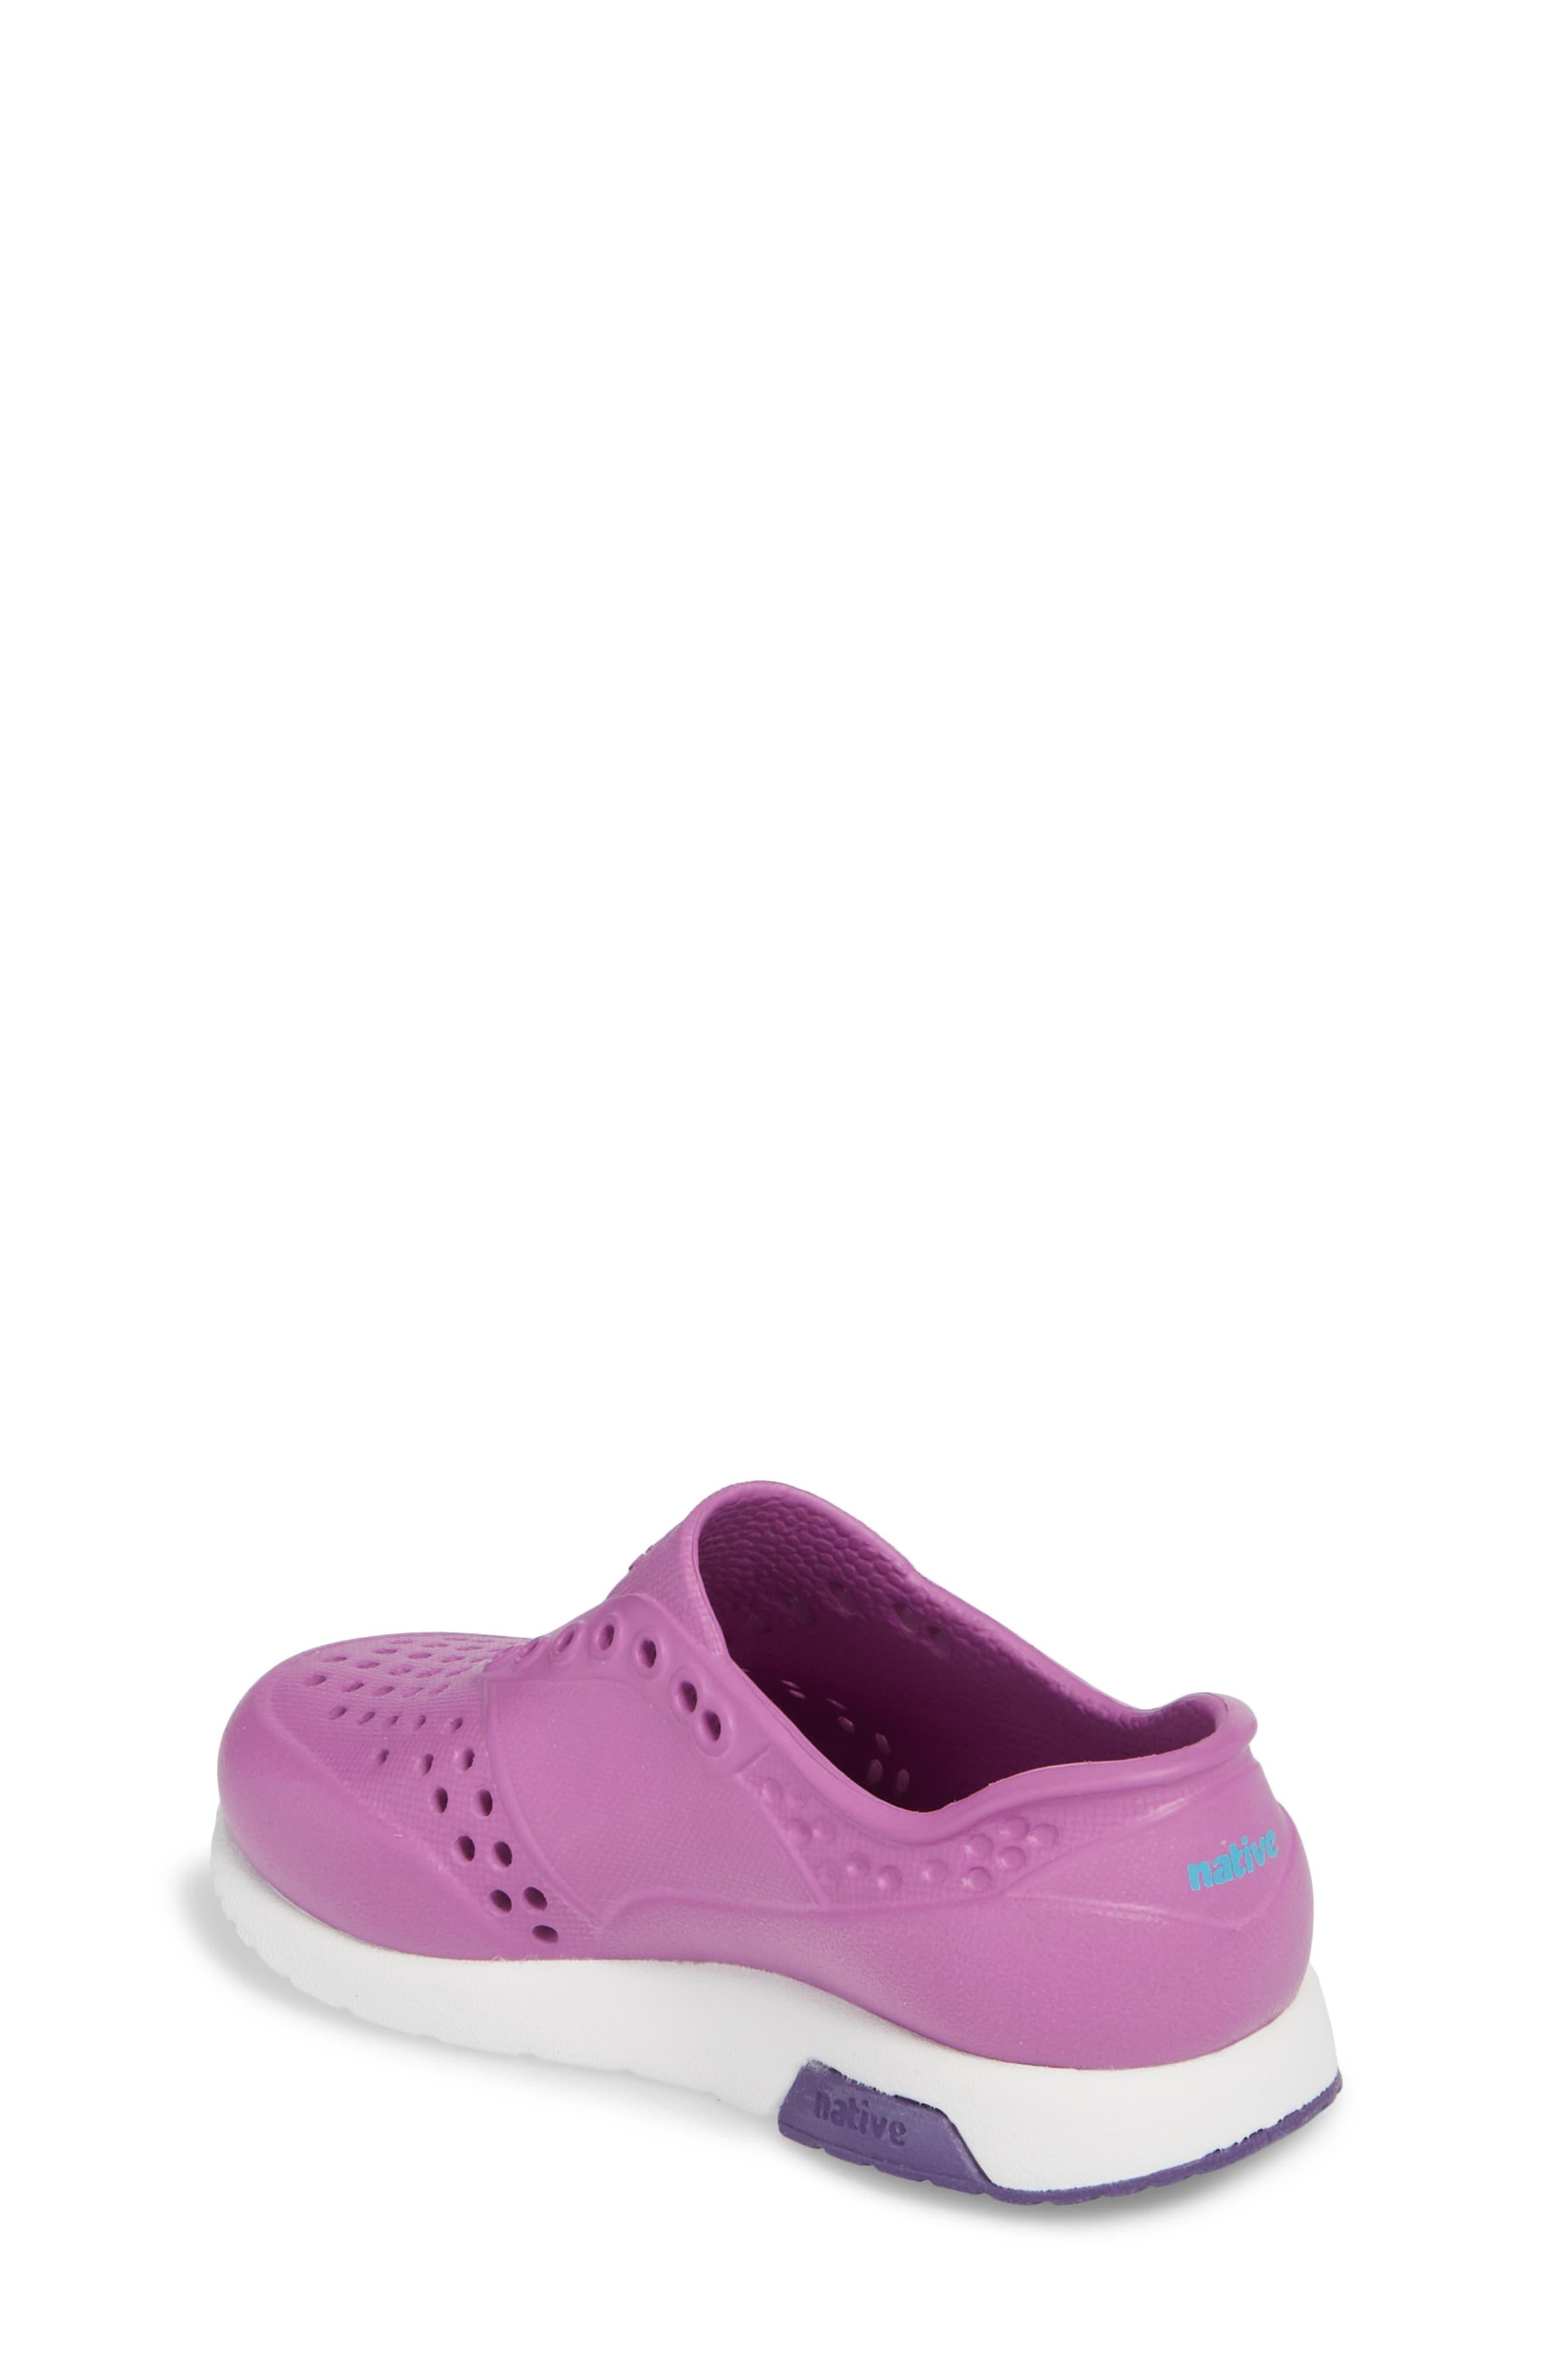 Lennox Slip-On Sneaker,                             Alternate thumbnail 2, color,                             Peace Purple/ Shell White